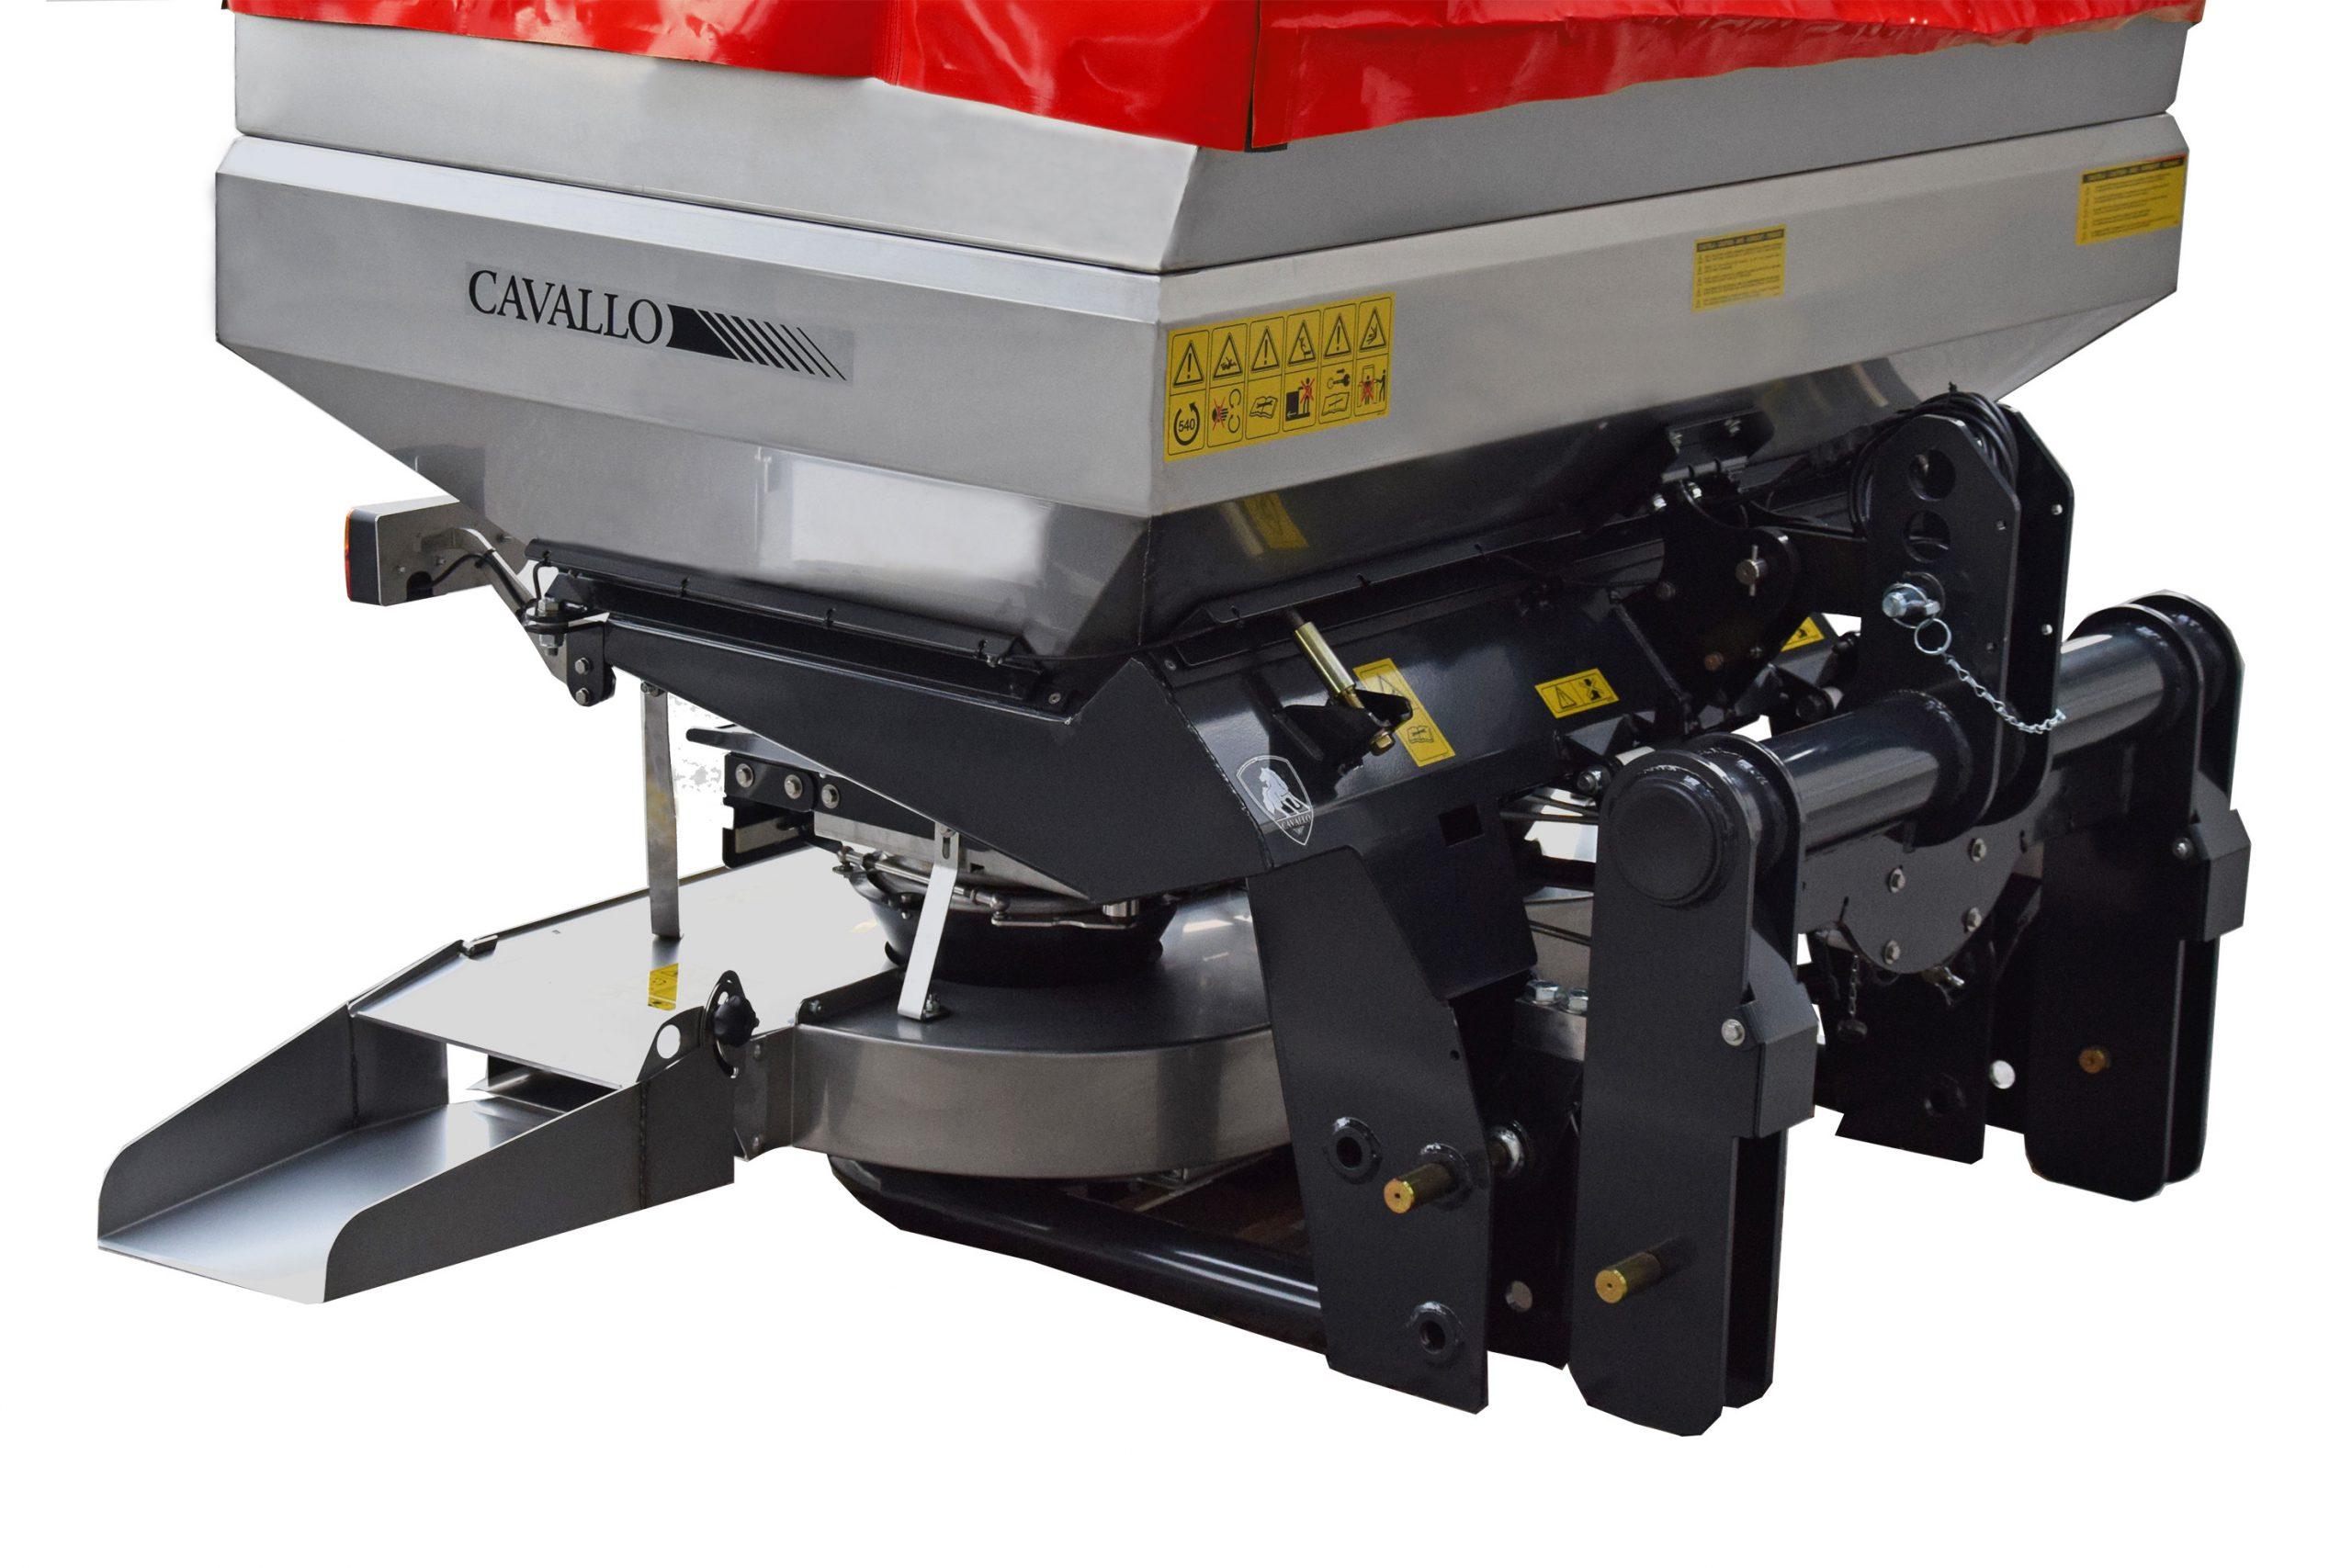 Qualità costruttiva e grande attenzione all'uso di materiali durevoli permette agli spandiconcime Eurospand di garantire una distribuzione precisa e ottimale dei concimi